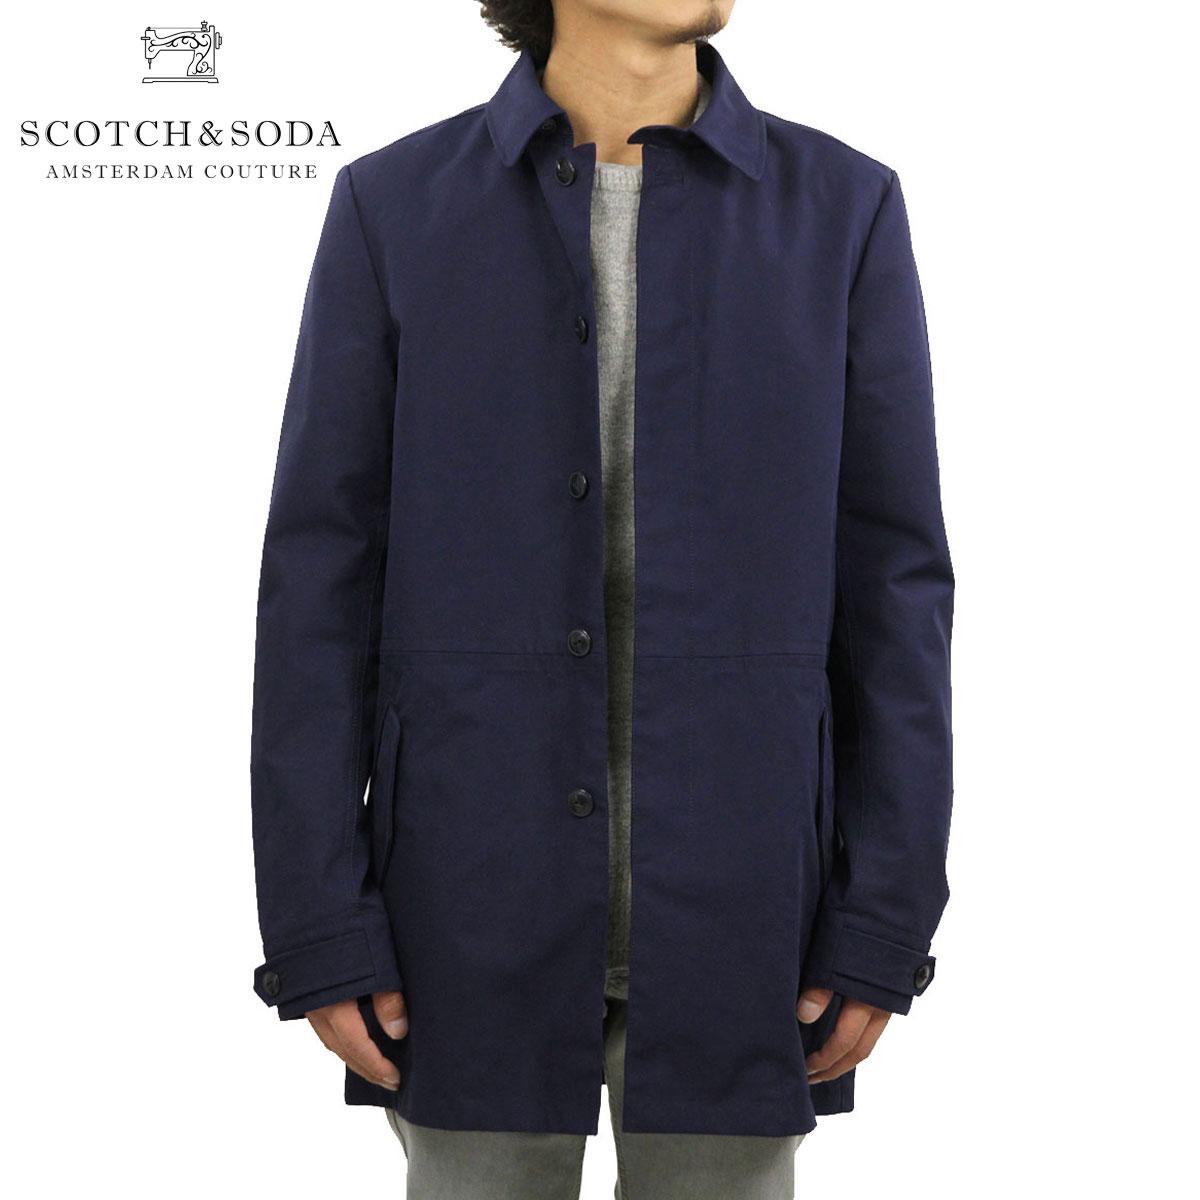 スコッチアンドソーダ SCOTCH&SODA 正規販売店 メンズ アウターコート Ams Blauw Bonded Trench Coat 100004 59 D00S20